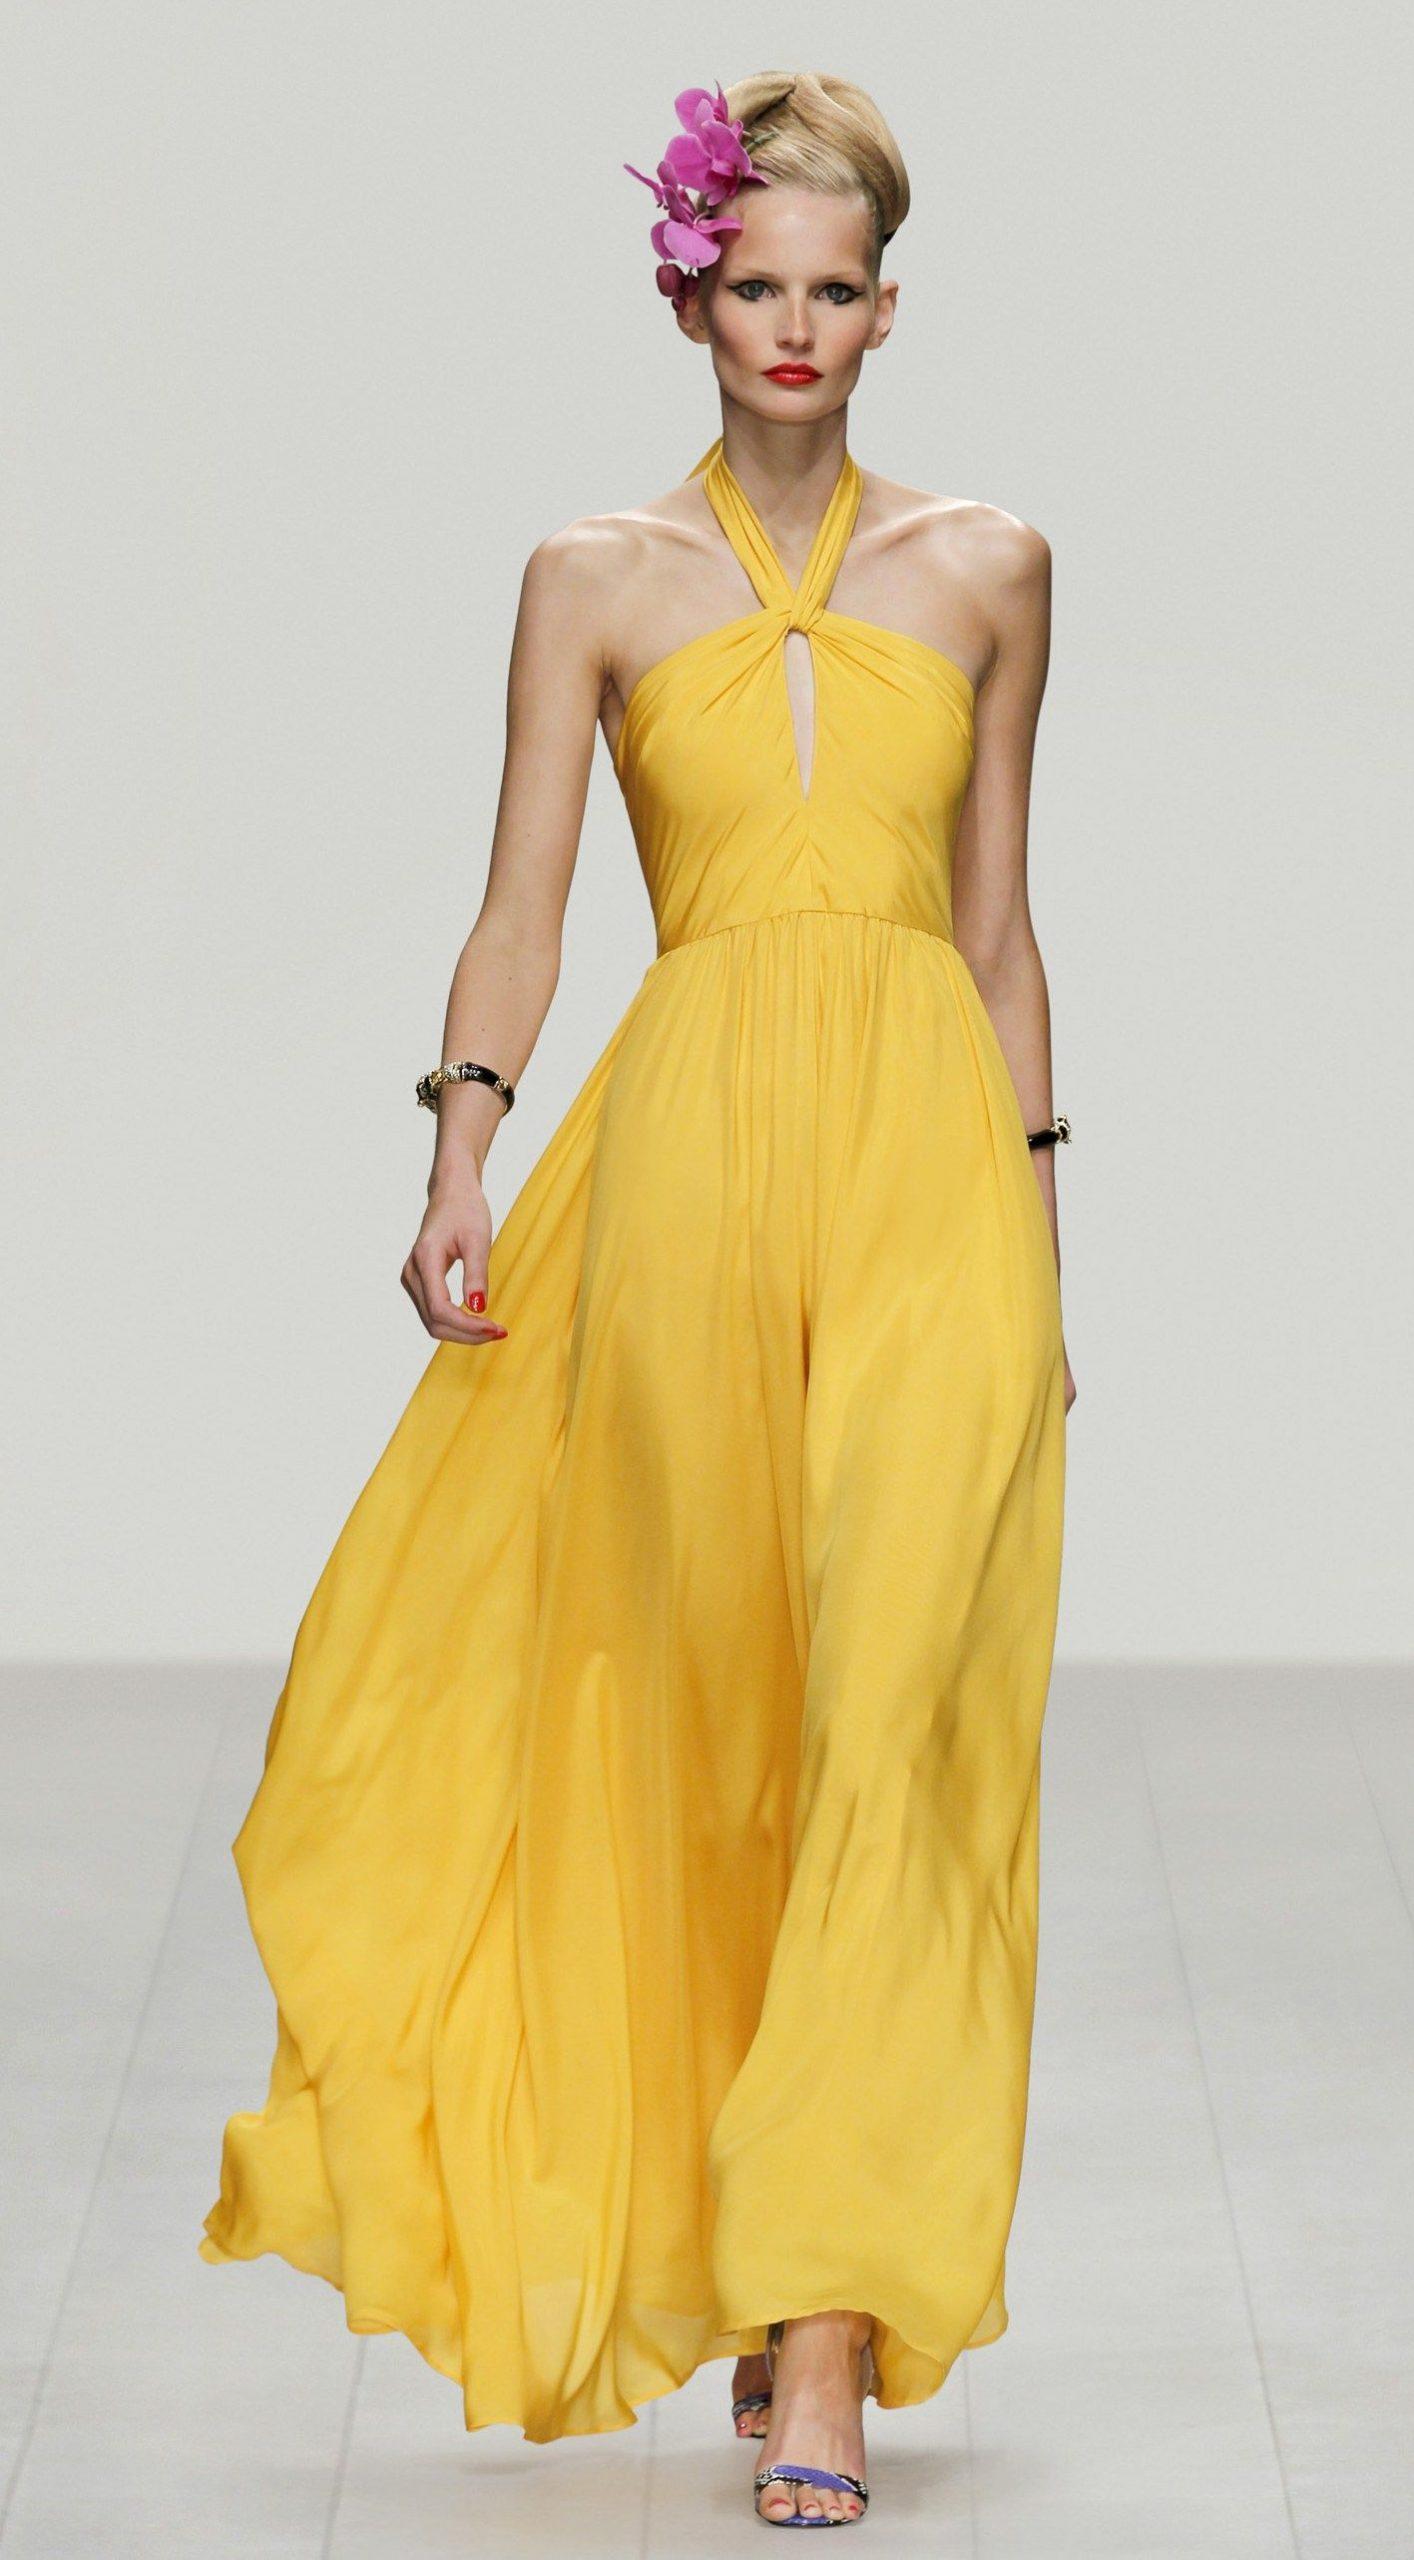 Designer Ausgezeichnet Abendkleid Gelb Ärmel20 Spektakulär Abendkleid Gelb Ärmel